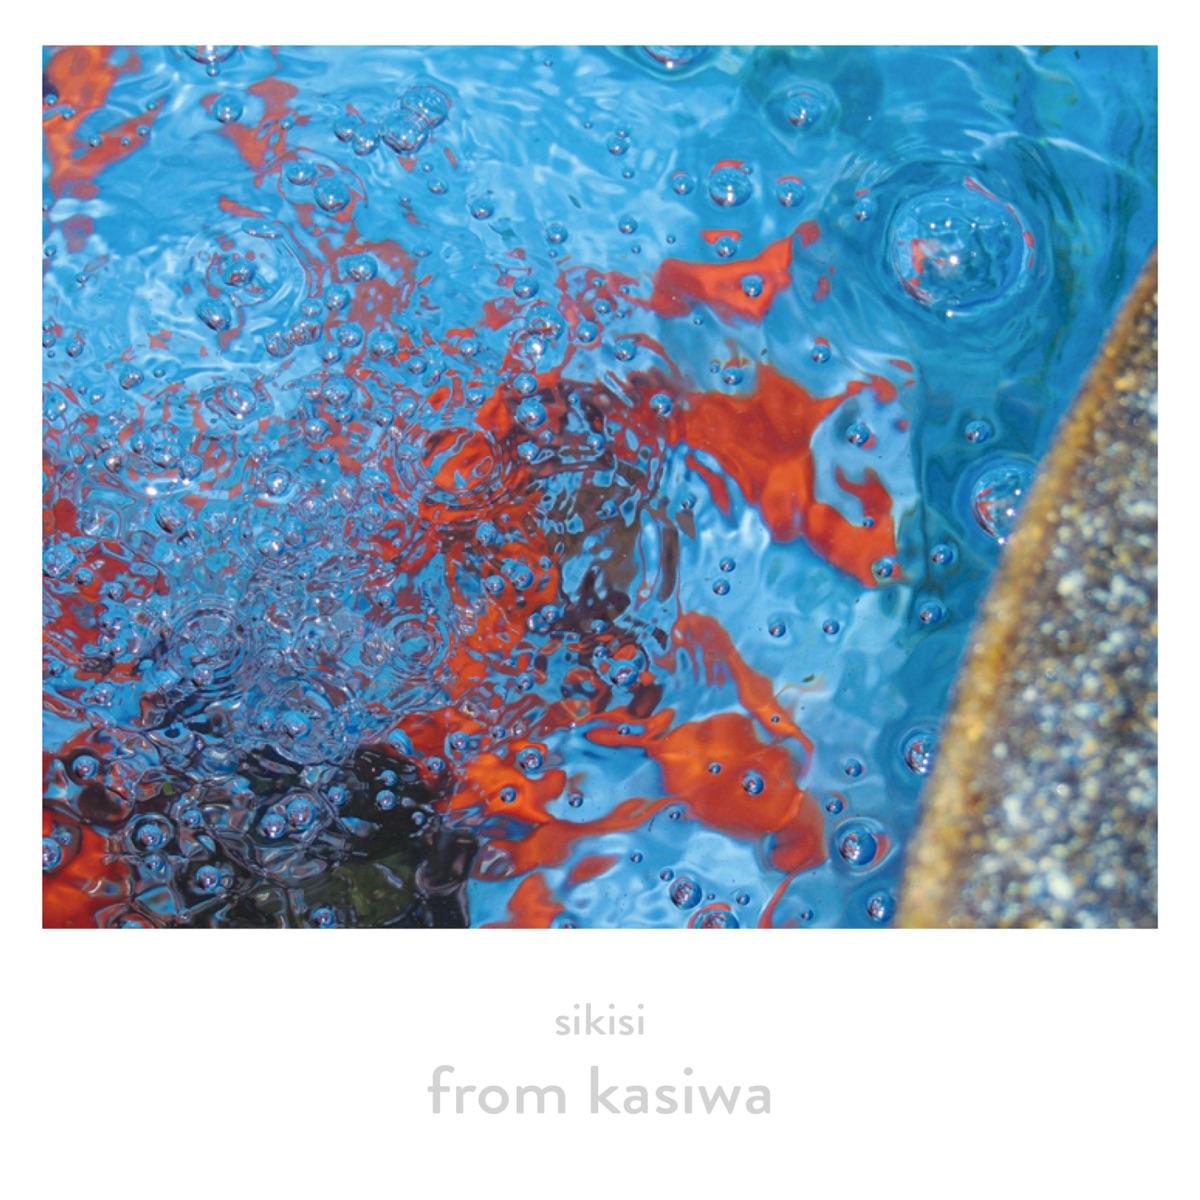 『sikisi - HiLo』収録の『from kasiwa』ジャケット